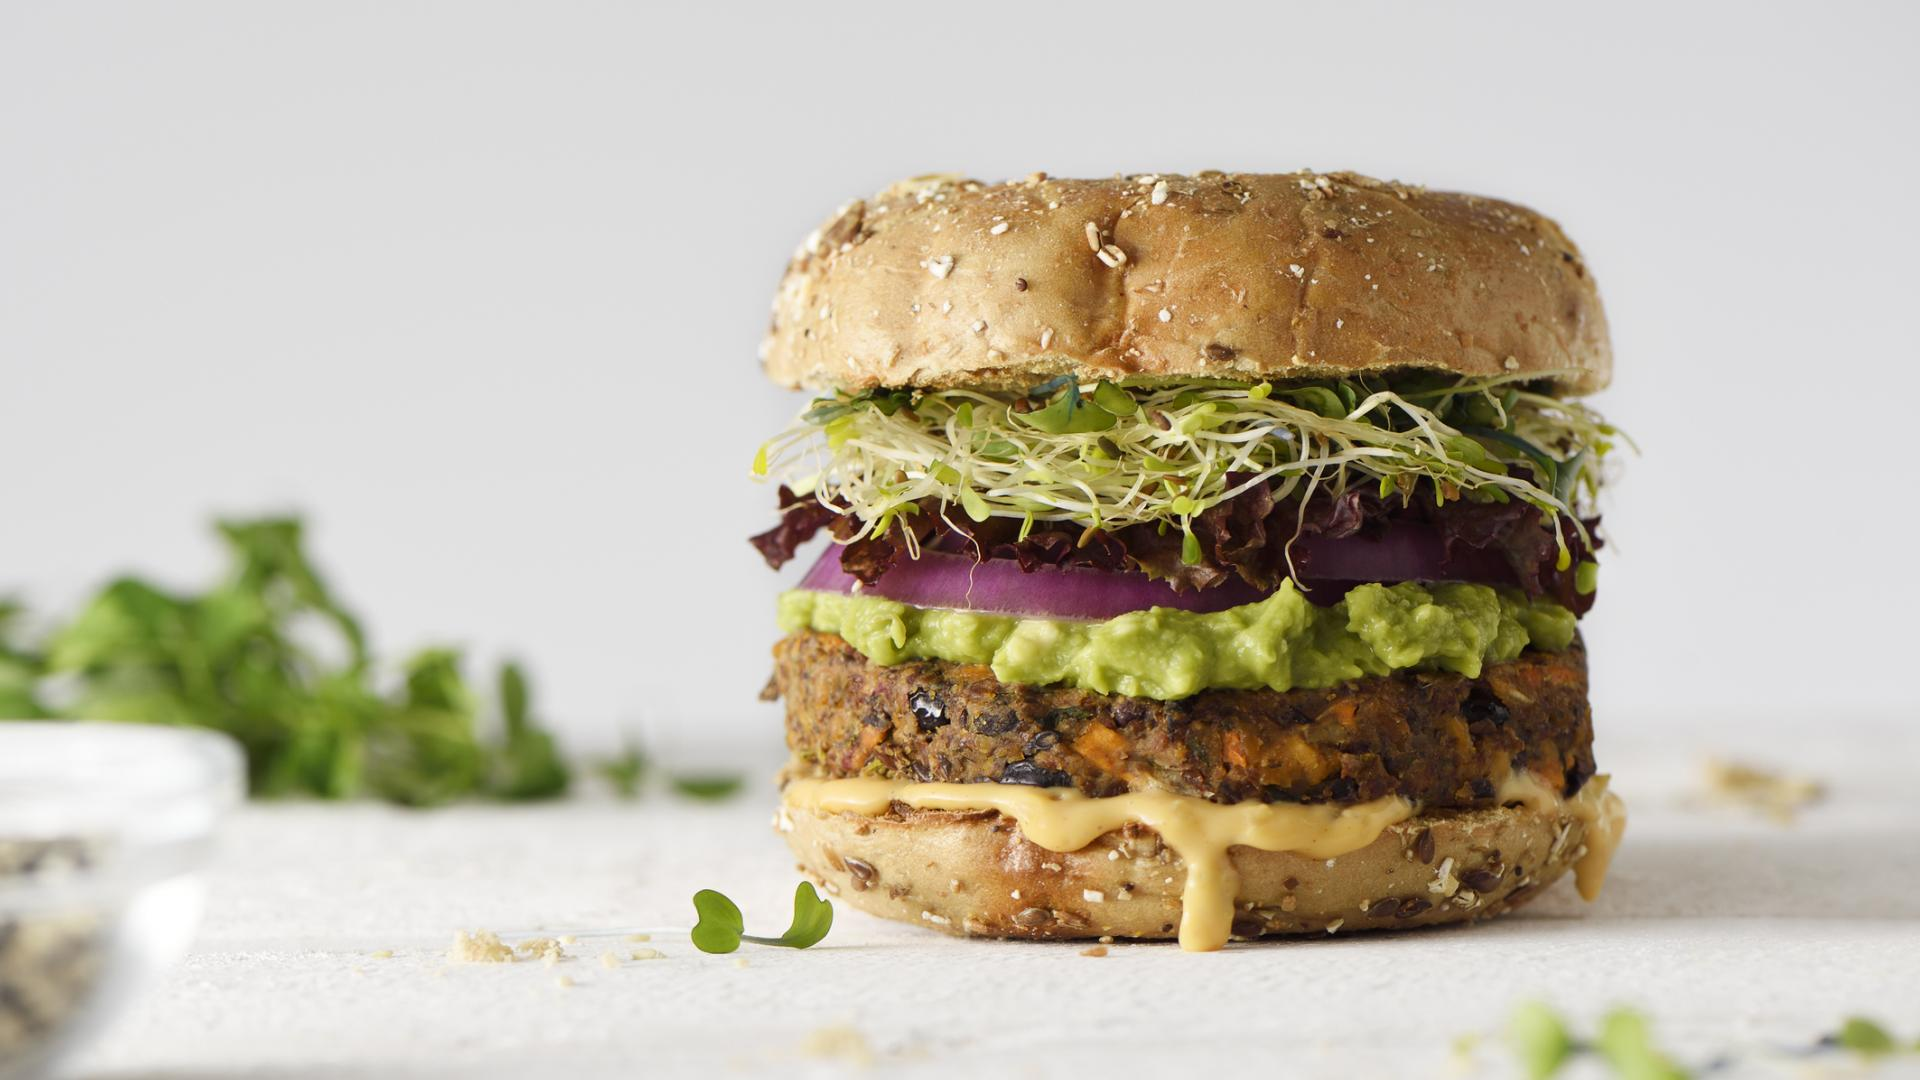 Healthy veggie burger slow food gesund lecker essen